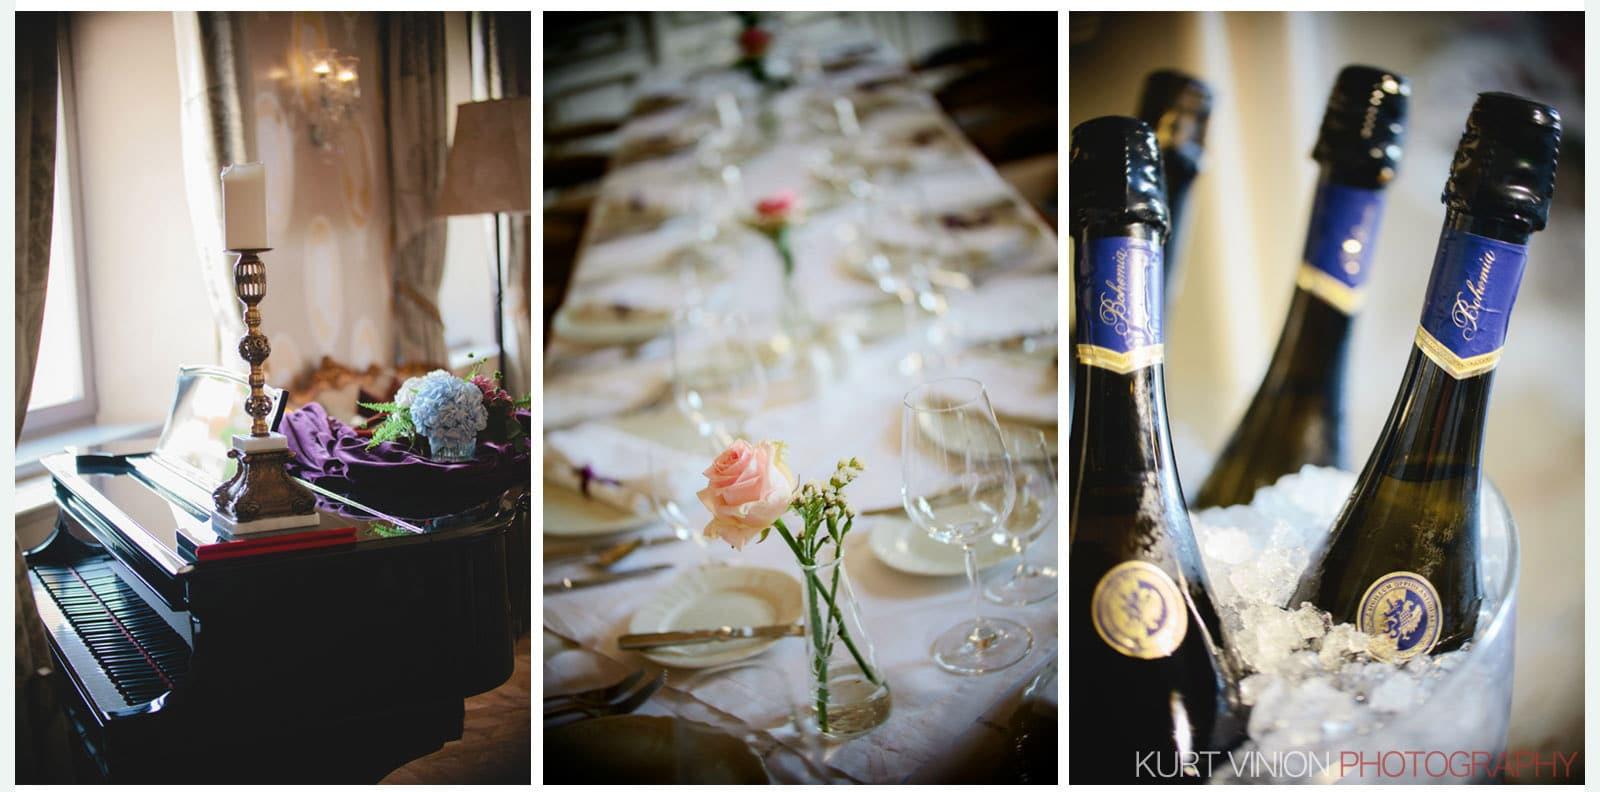 Chateau Mcely wedding / Ludmilla & Sergey wedding photos